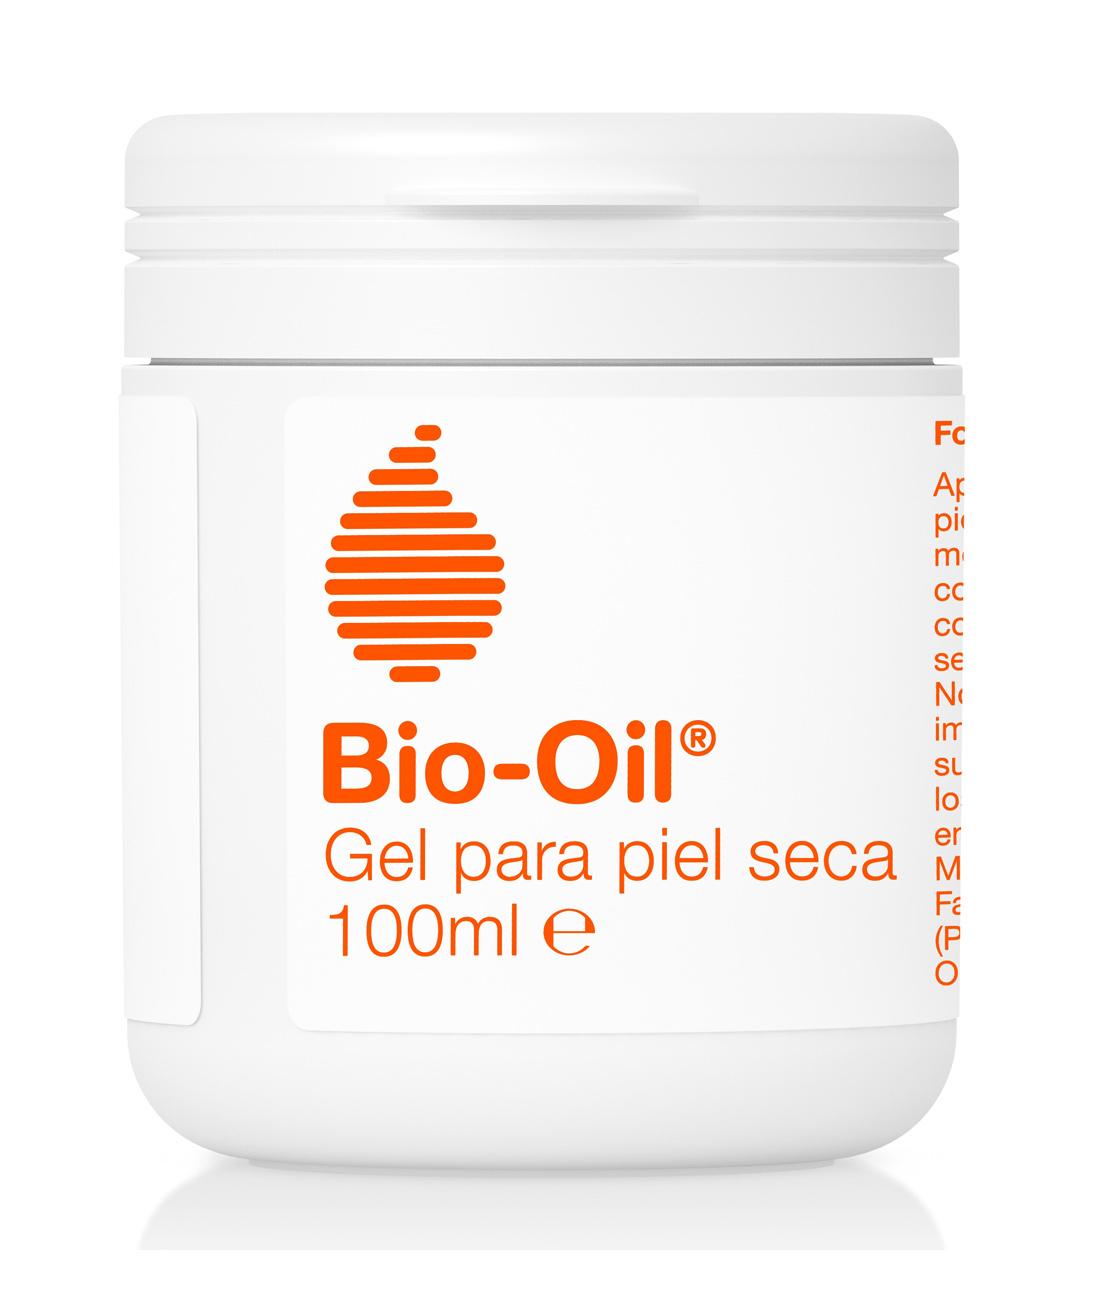 Bio-Oil Gel para piel seca (12,95 euros). Su fórmula combina los tres...